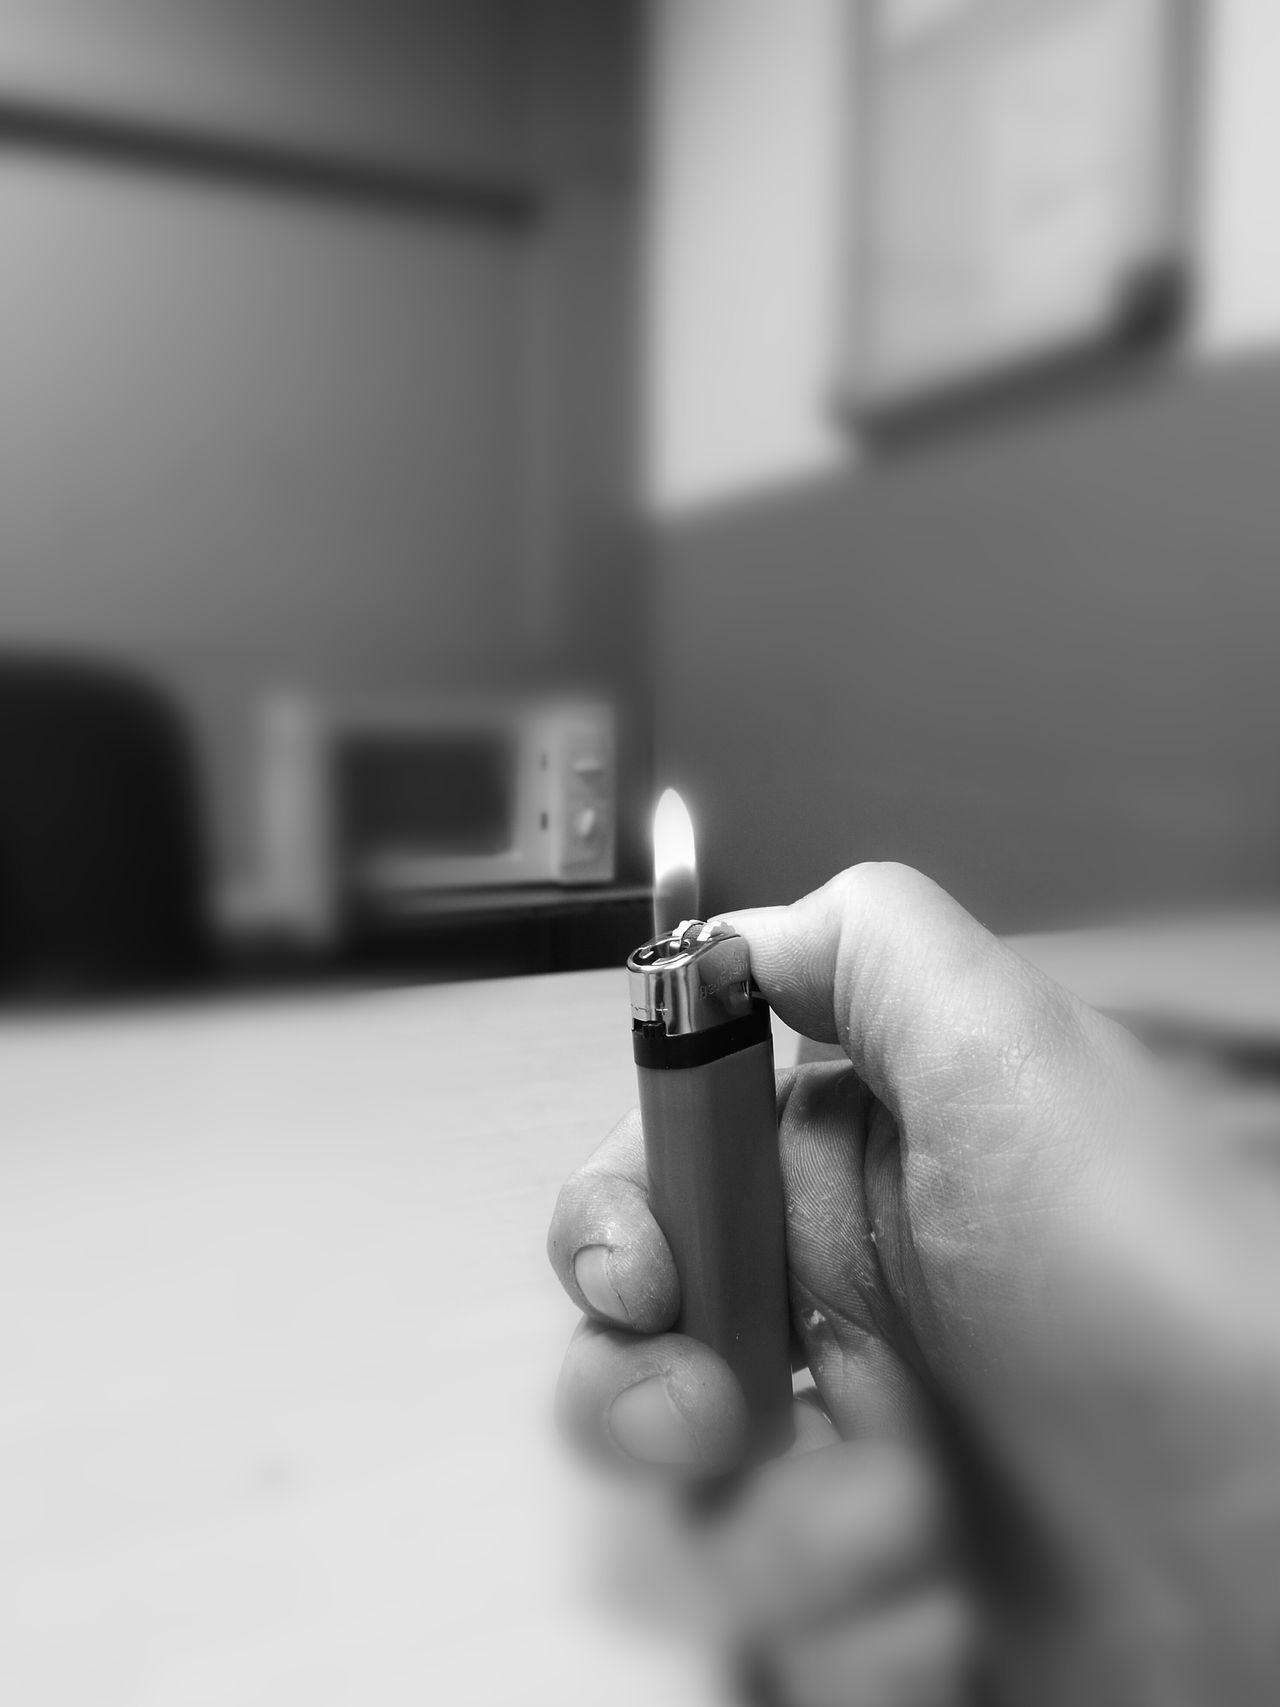 Focus Object Briquet Feu Fire Noir Et Blanc Blackandwhite